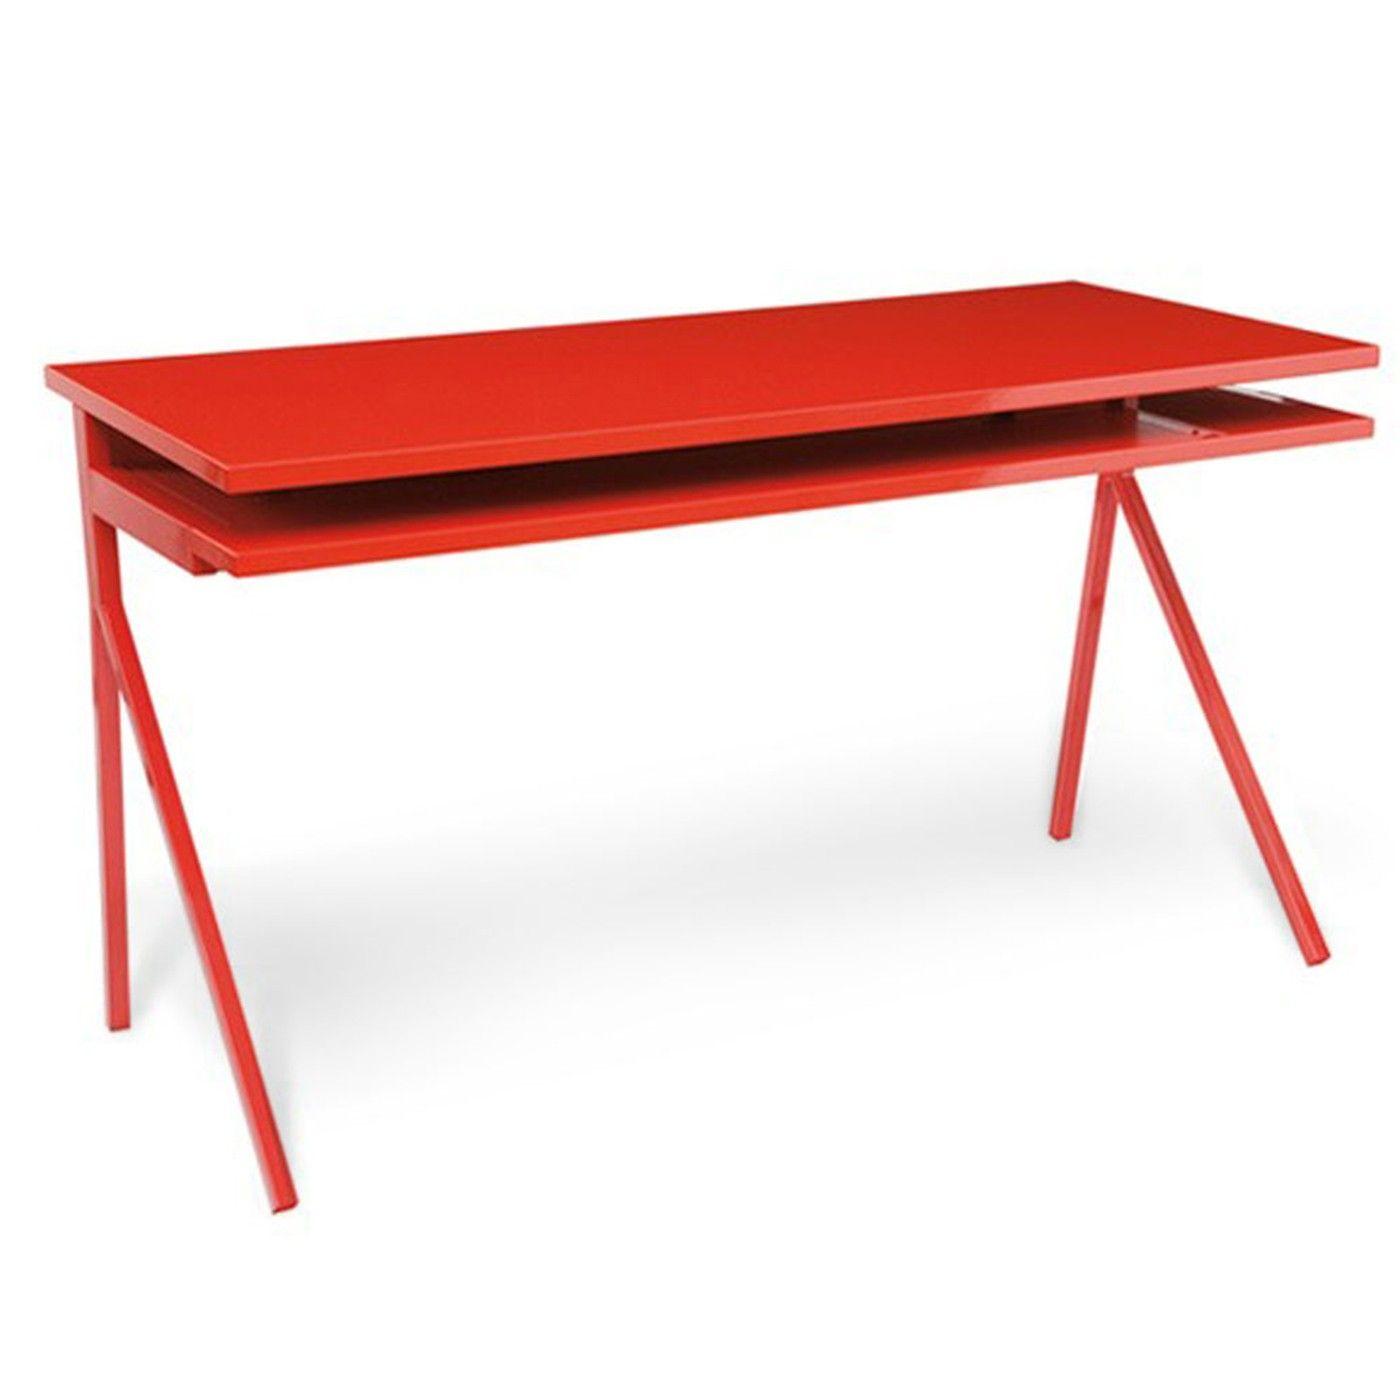 Deskmoderndeskred for the office furniture pinterest